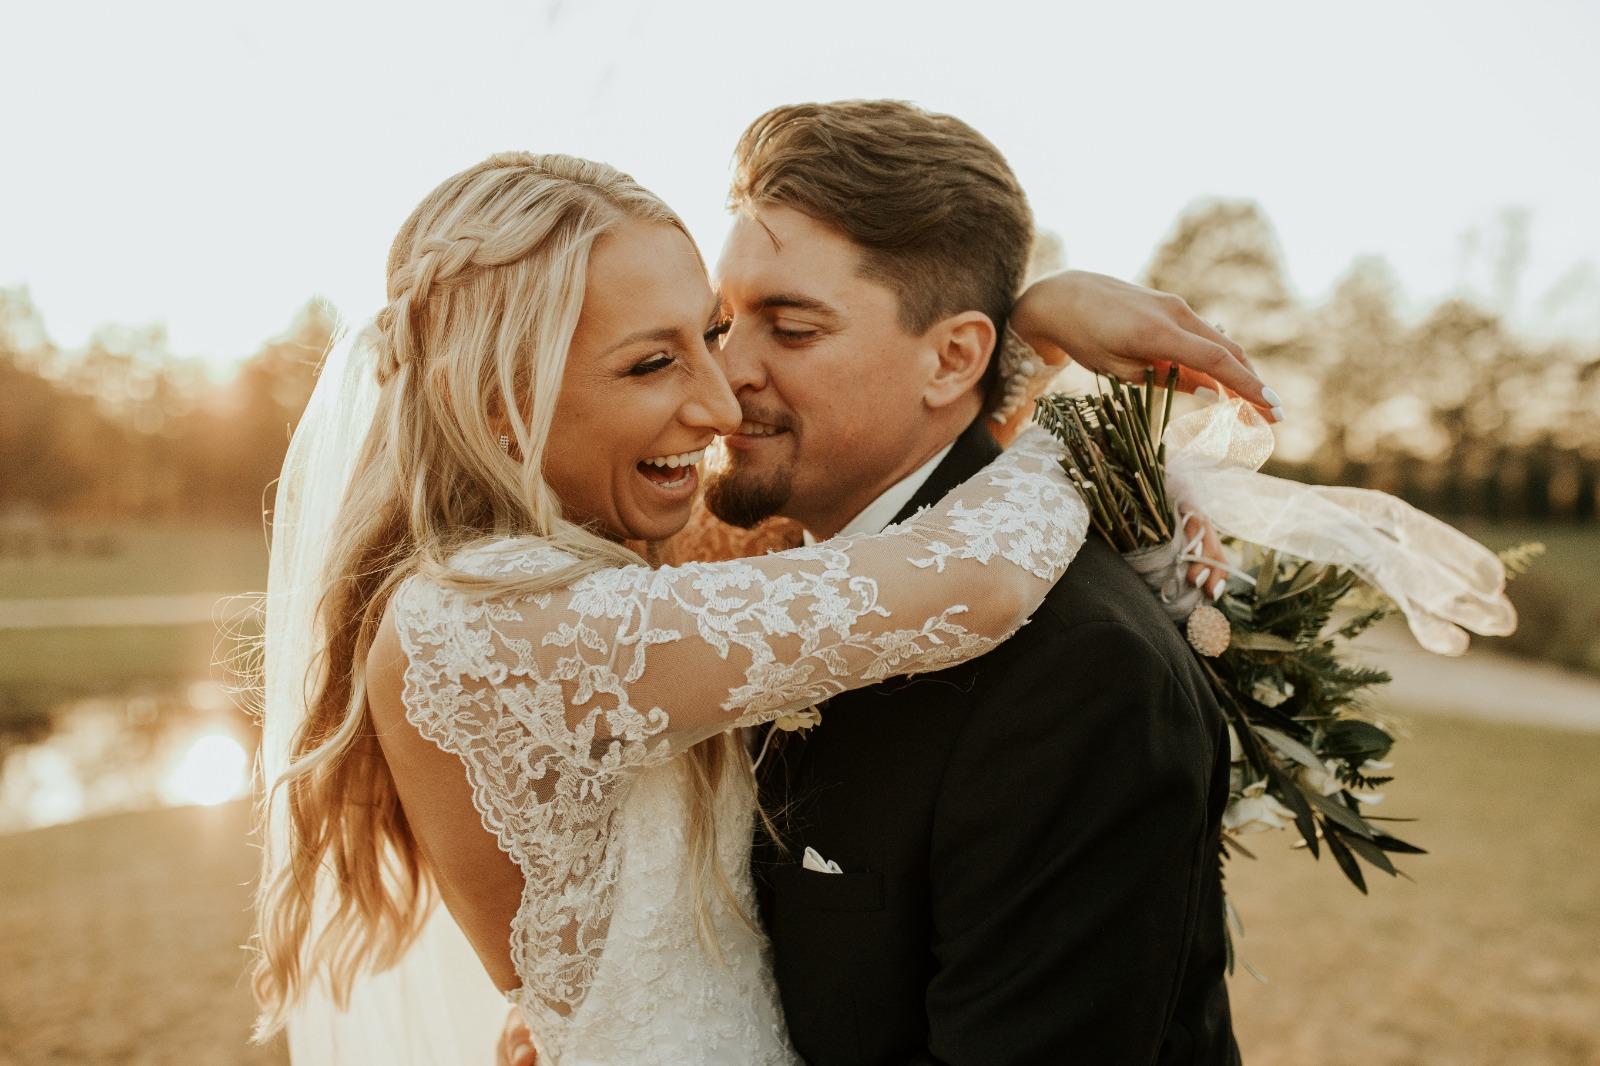 photographe mariage couple le jour du mariage